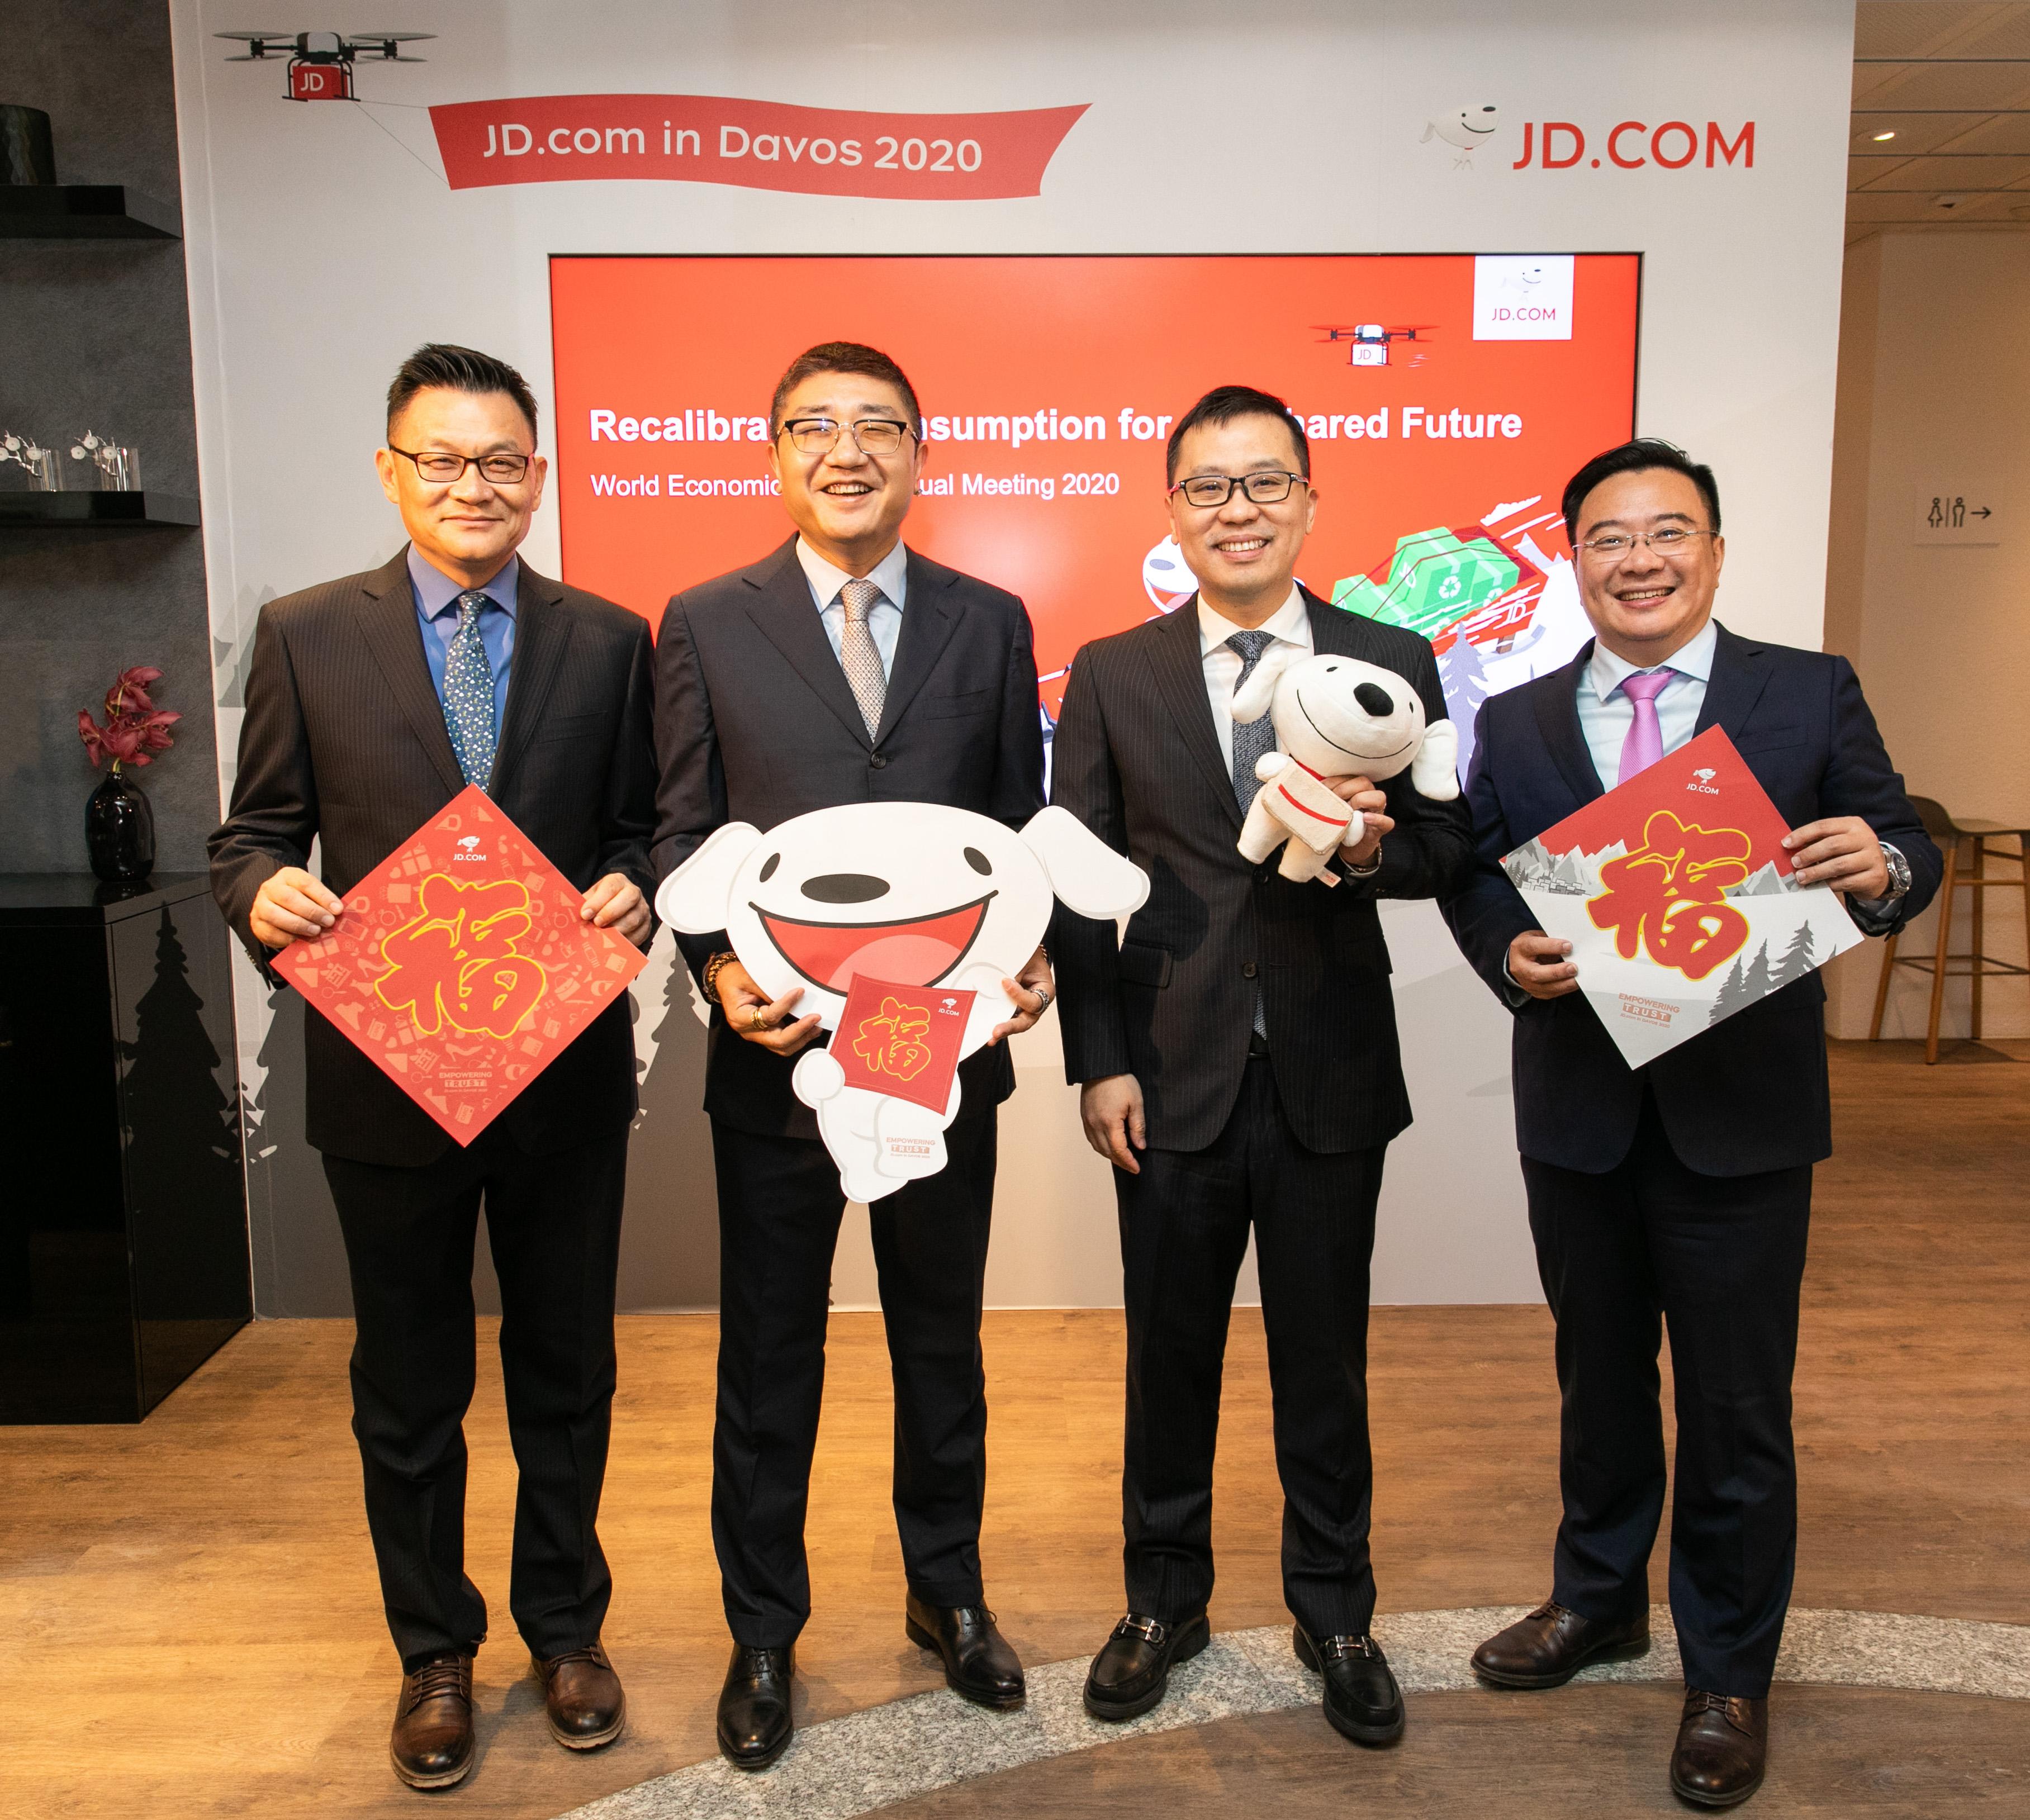 京东物流CEO王振辉再次亮相达沃斯,详解世界领先供应链企业可持续发展路径